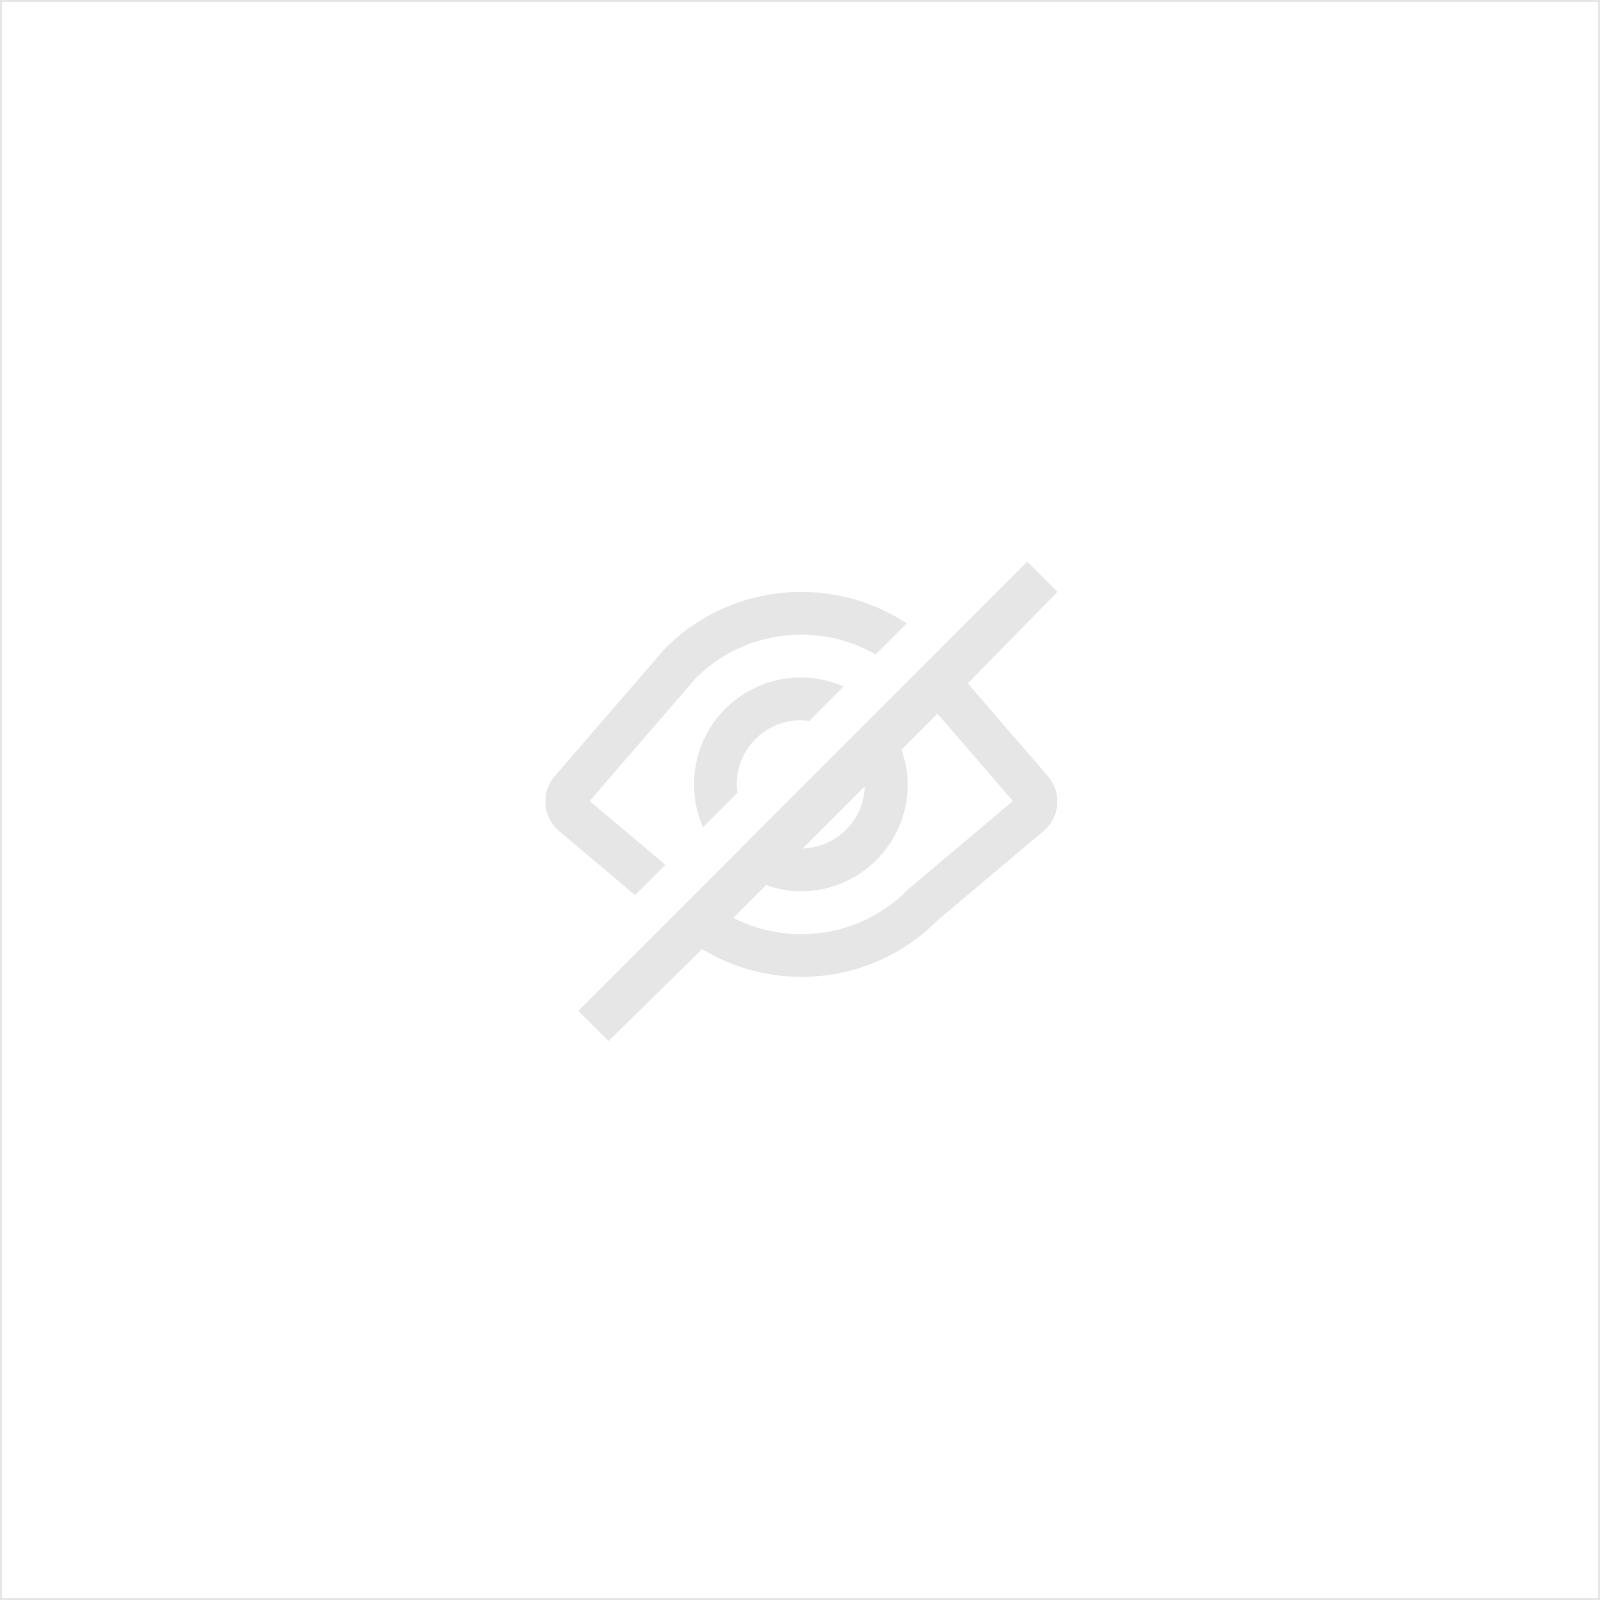 MOLETTE OPTIONNELLE À REBORDS - HEM ROLL STEP - POUR BORDEUSE MOULUREUSE